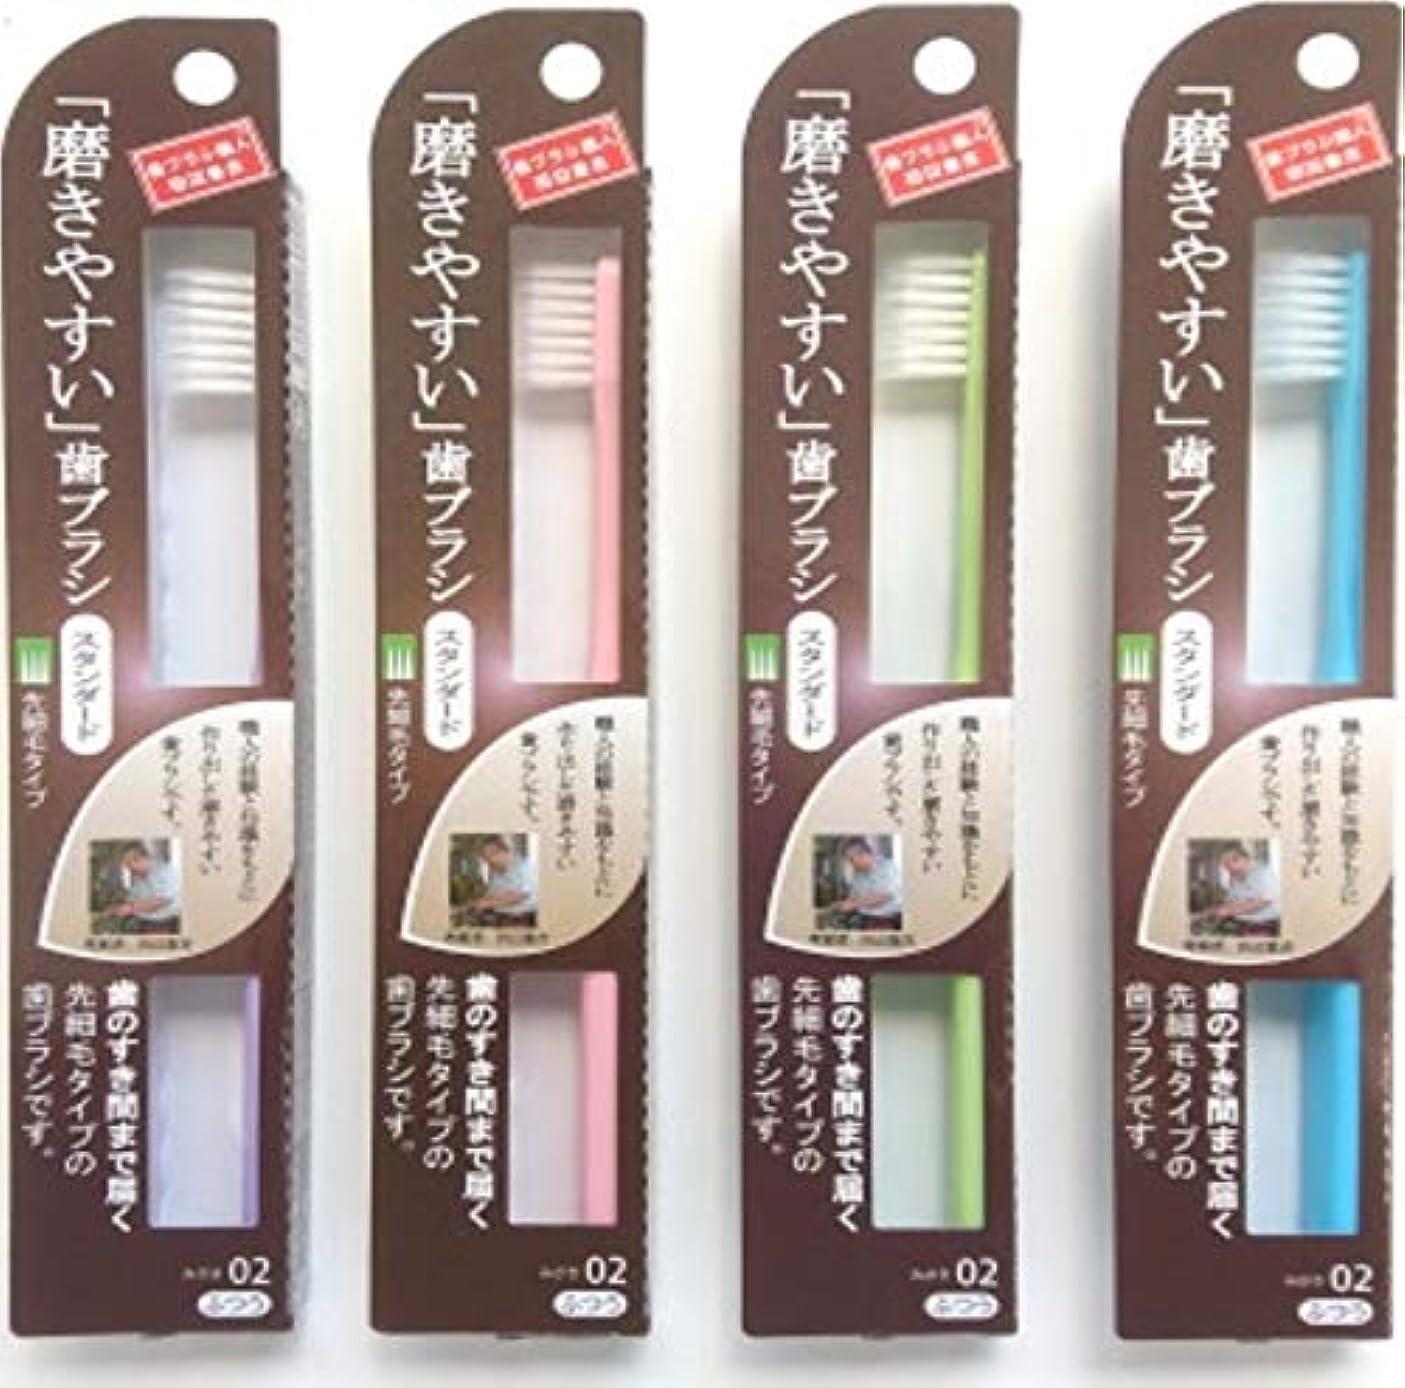 百万スリンク年次磨きやすい歯ブラシ(奥歯まで) (LT02) (36本)